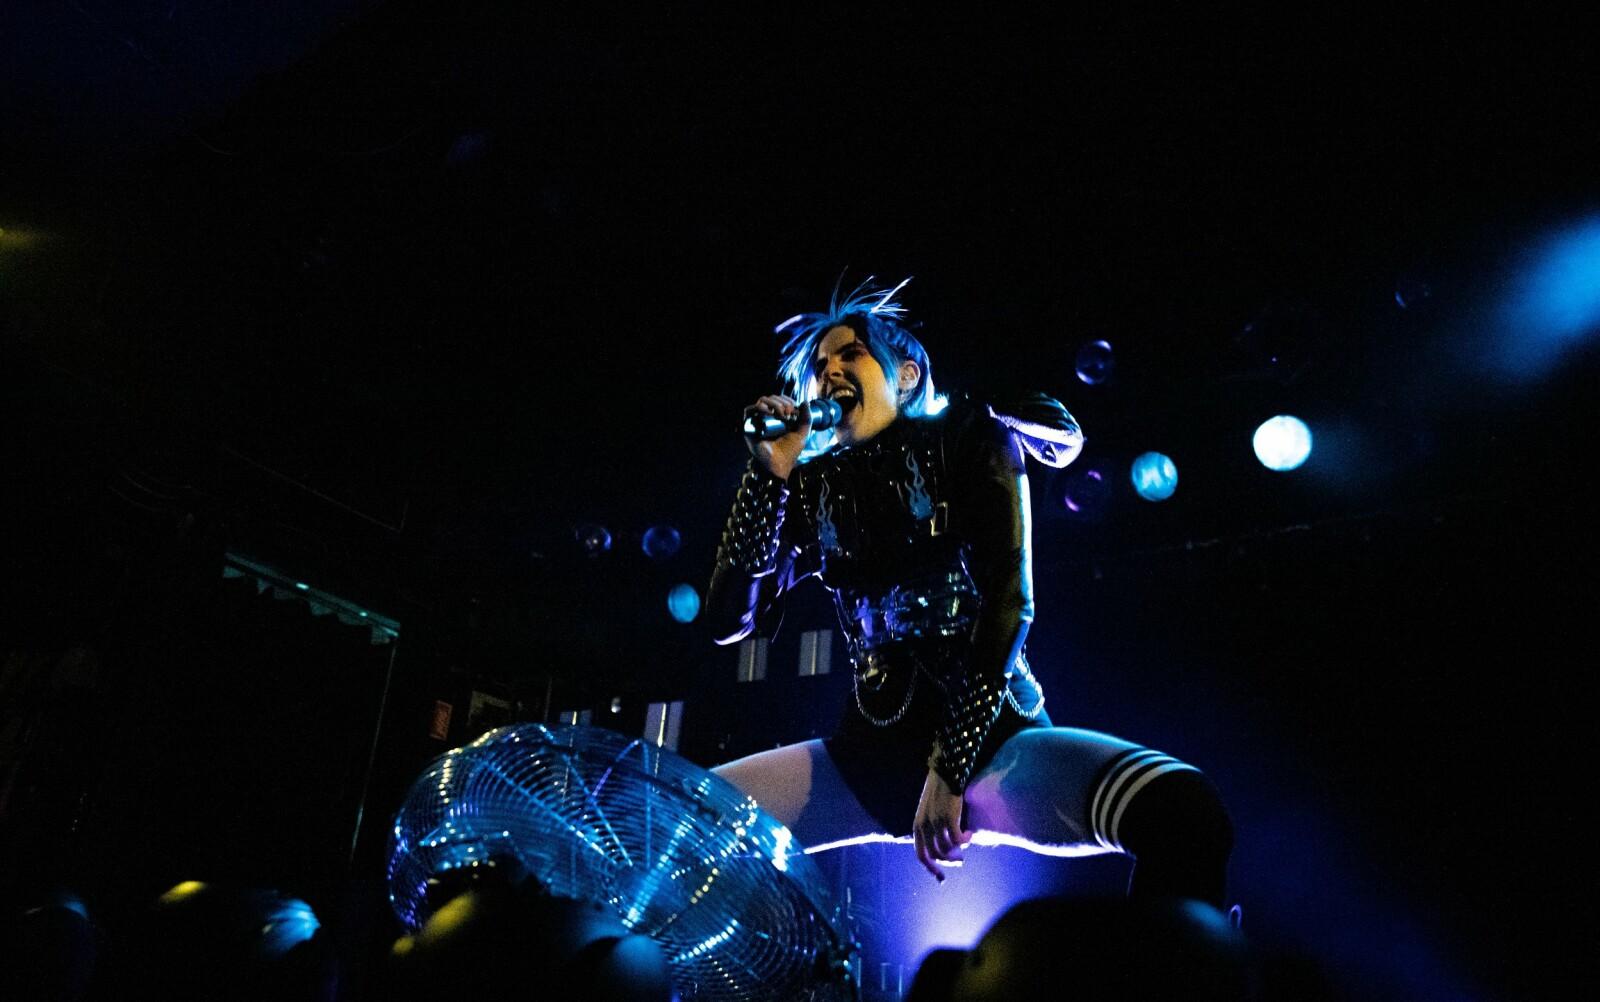 Dorian Electra ga ut albumet «Flamboyant» i juli i år. Til magasinet Paper, sier artisten at «den amerikanske pianisten og underholderen Liberace, med all sitt glitter, glam og prakt, var den viktigste inspirasjonen til musikkvideoen «Flamboyant.»